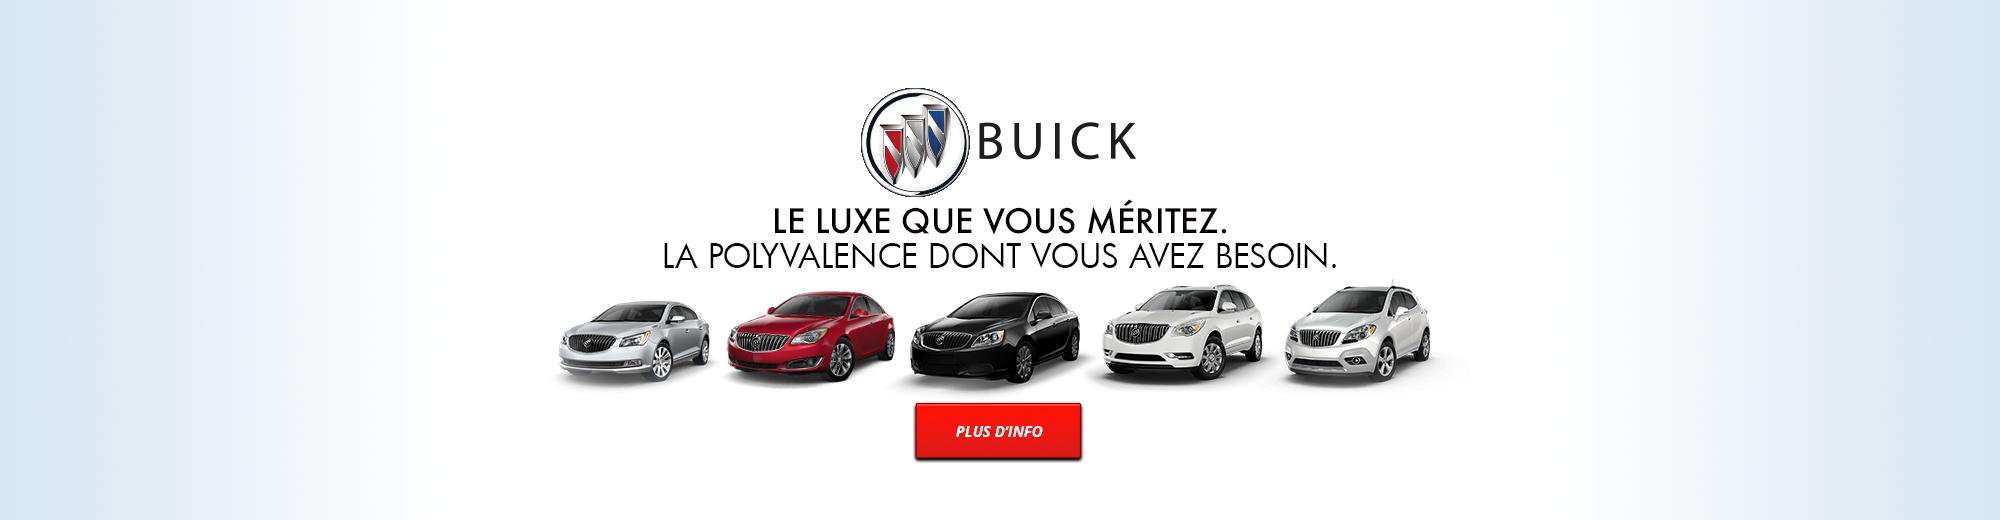 Buick | Le luxe que vous méritez